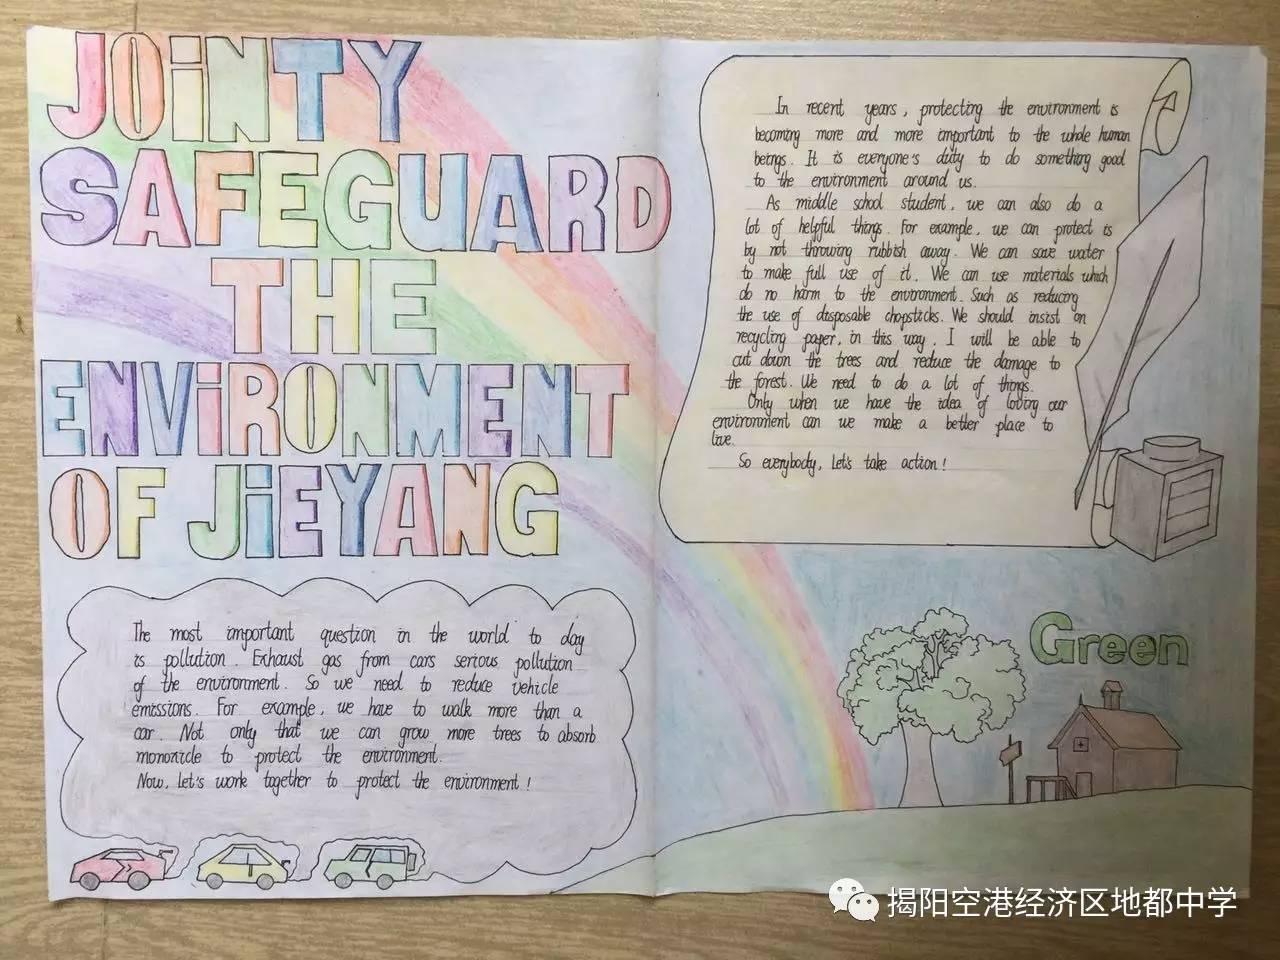 地都中学第二届校园文化节快讯 | 英语手抄报获奖名单